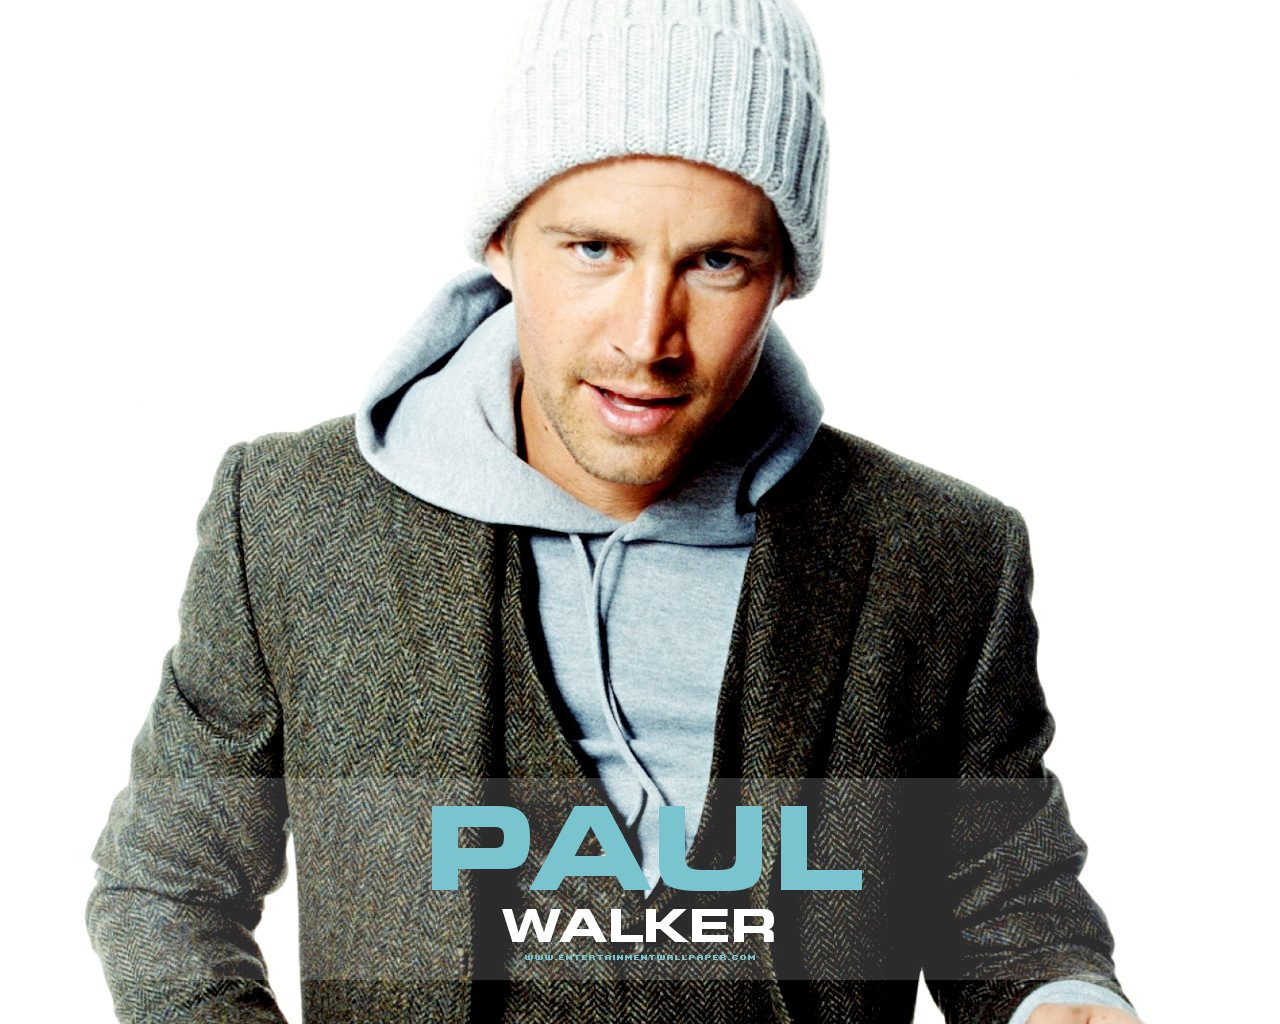 Paul Walker - Paul Walker Wallpaper (646819) - Fanpop